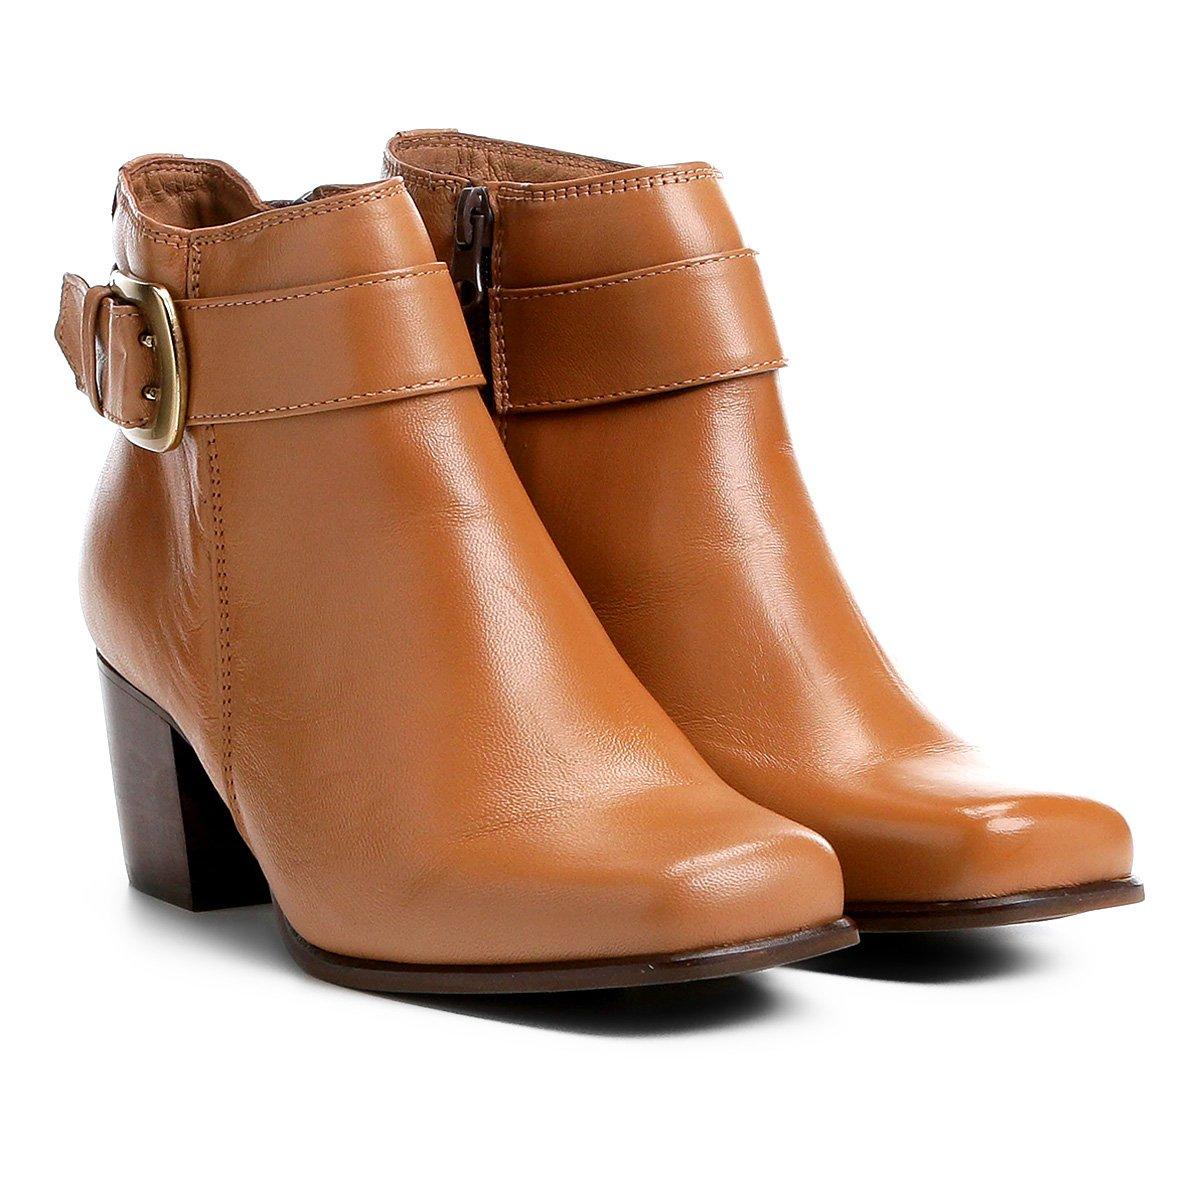 4ea3b0266 Bota Couro Cano Curto Shoestock Bico Quadrado Fivela Feminina - Compre  Agora